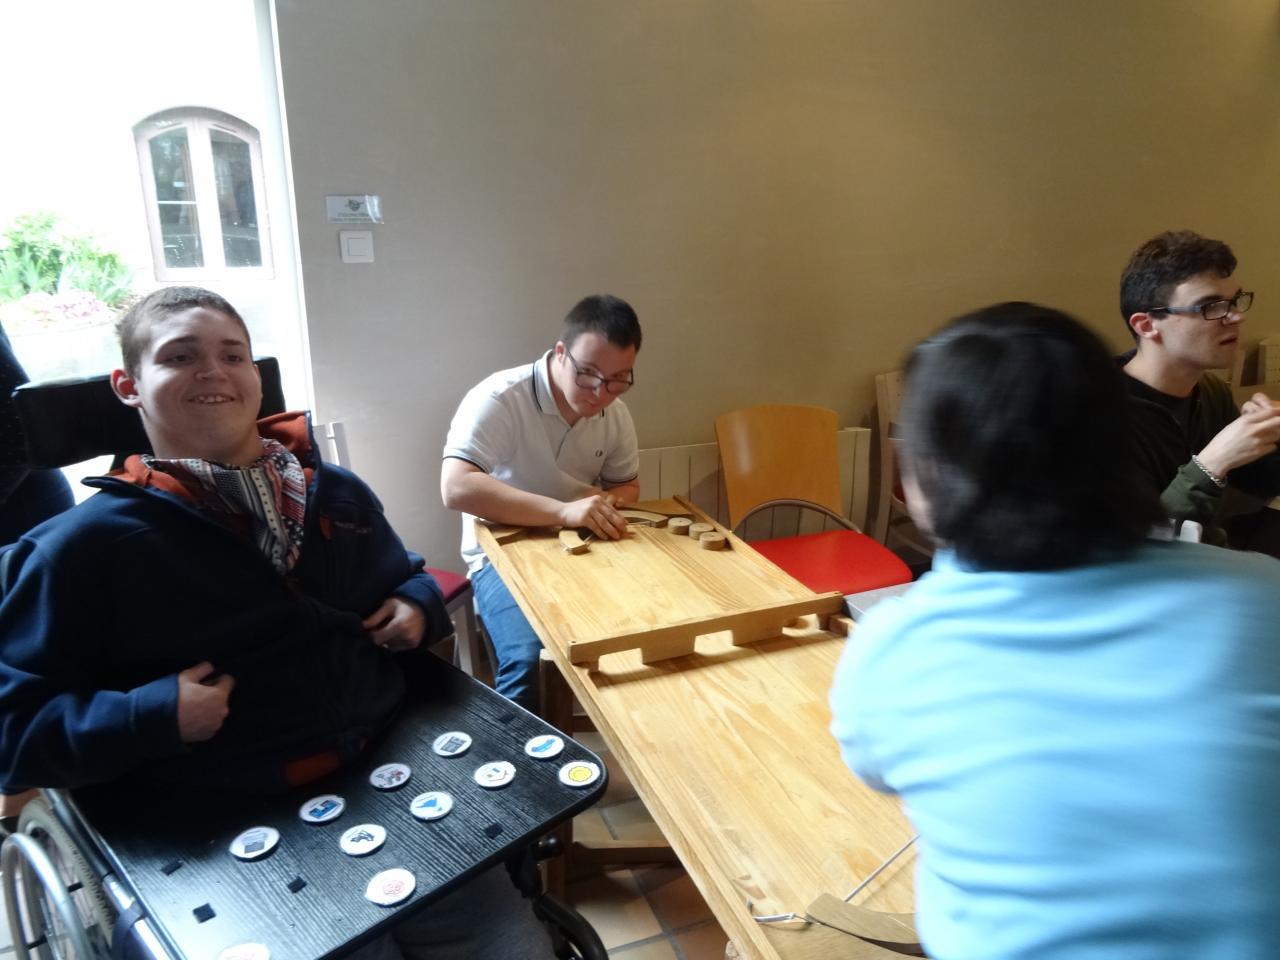 Des jeux pour stimuler les sens en jouant ensemble  1